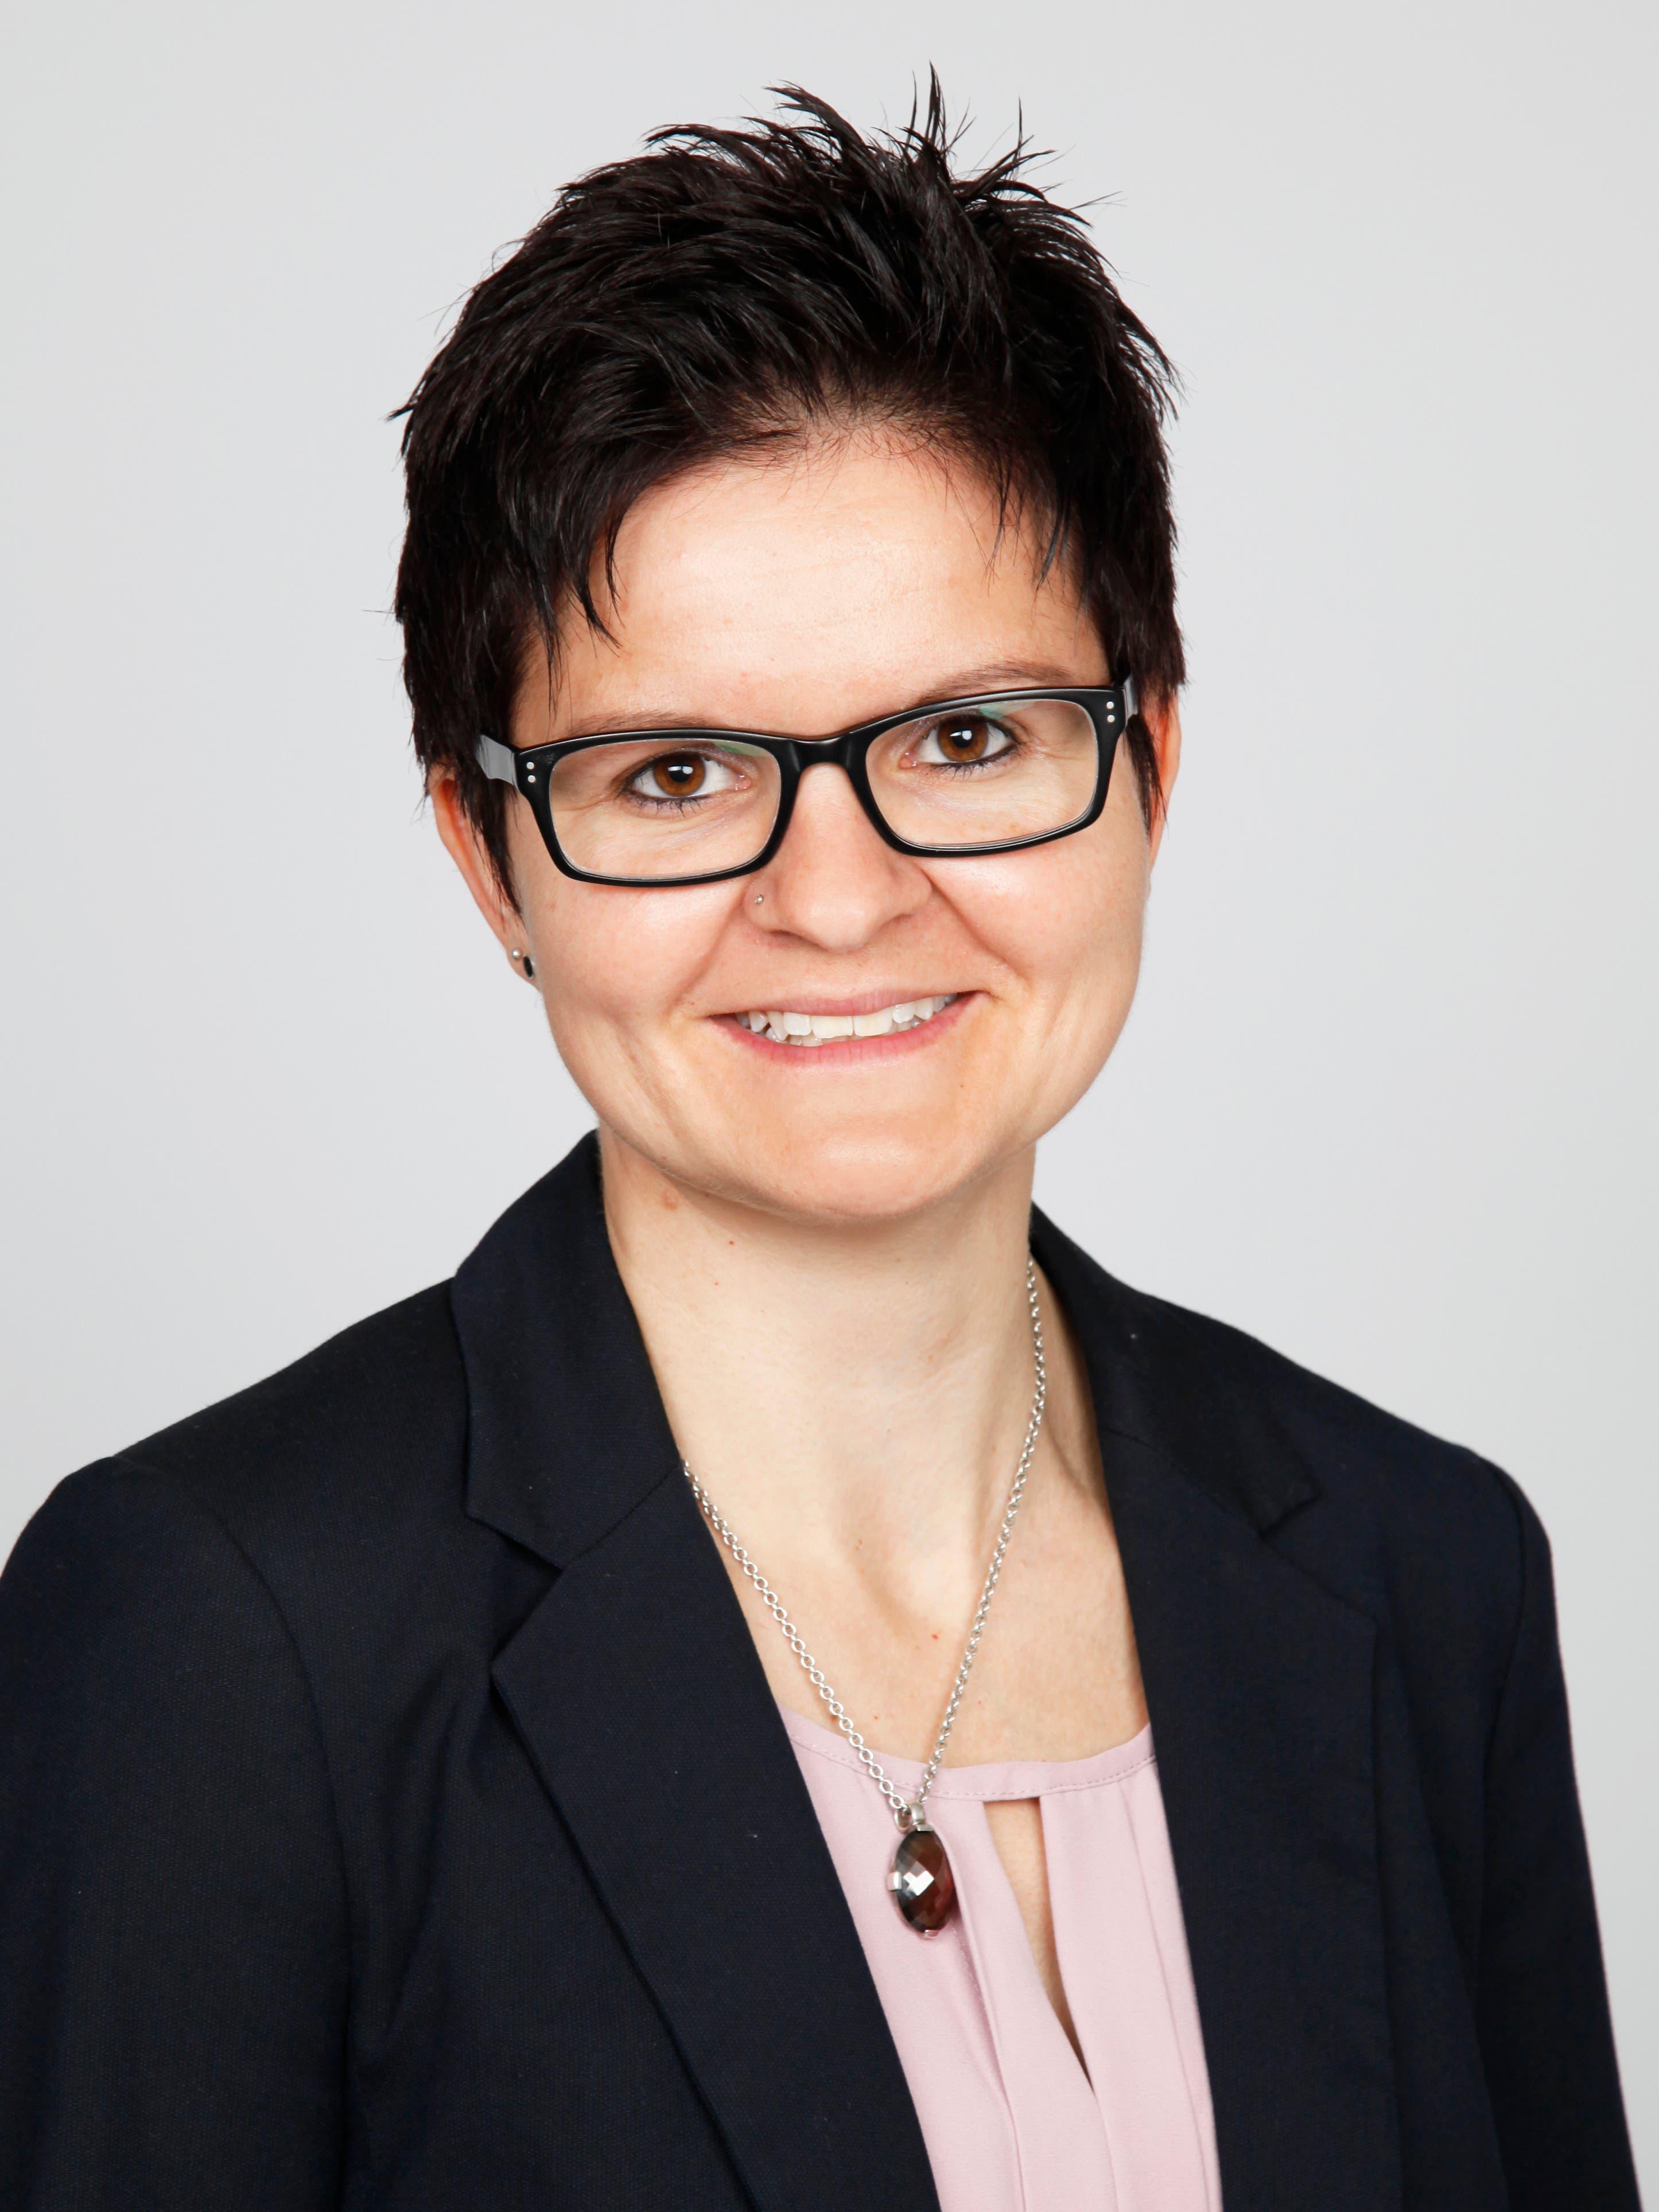 Gewählt: Pia Haas-Bucher, CVP (bisher)